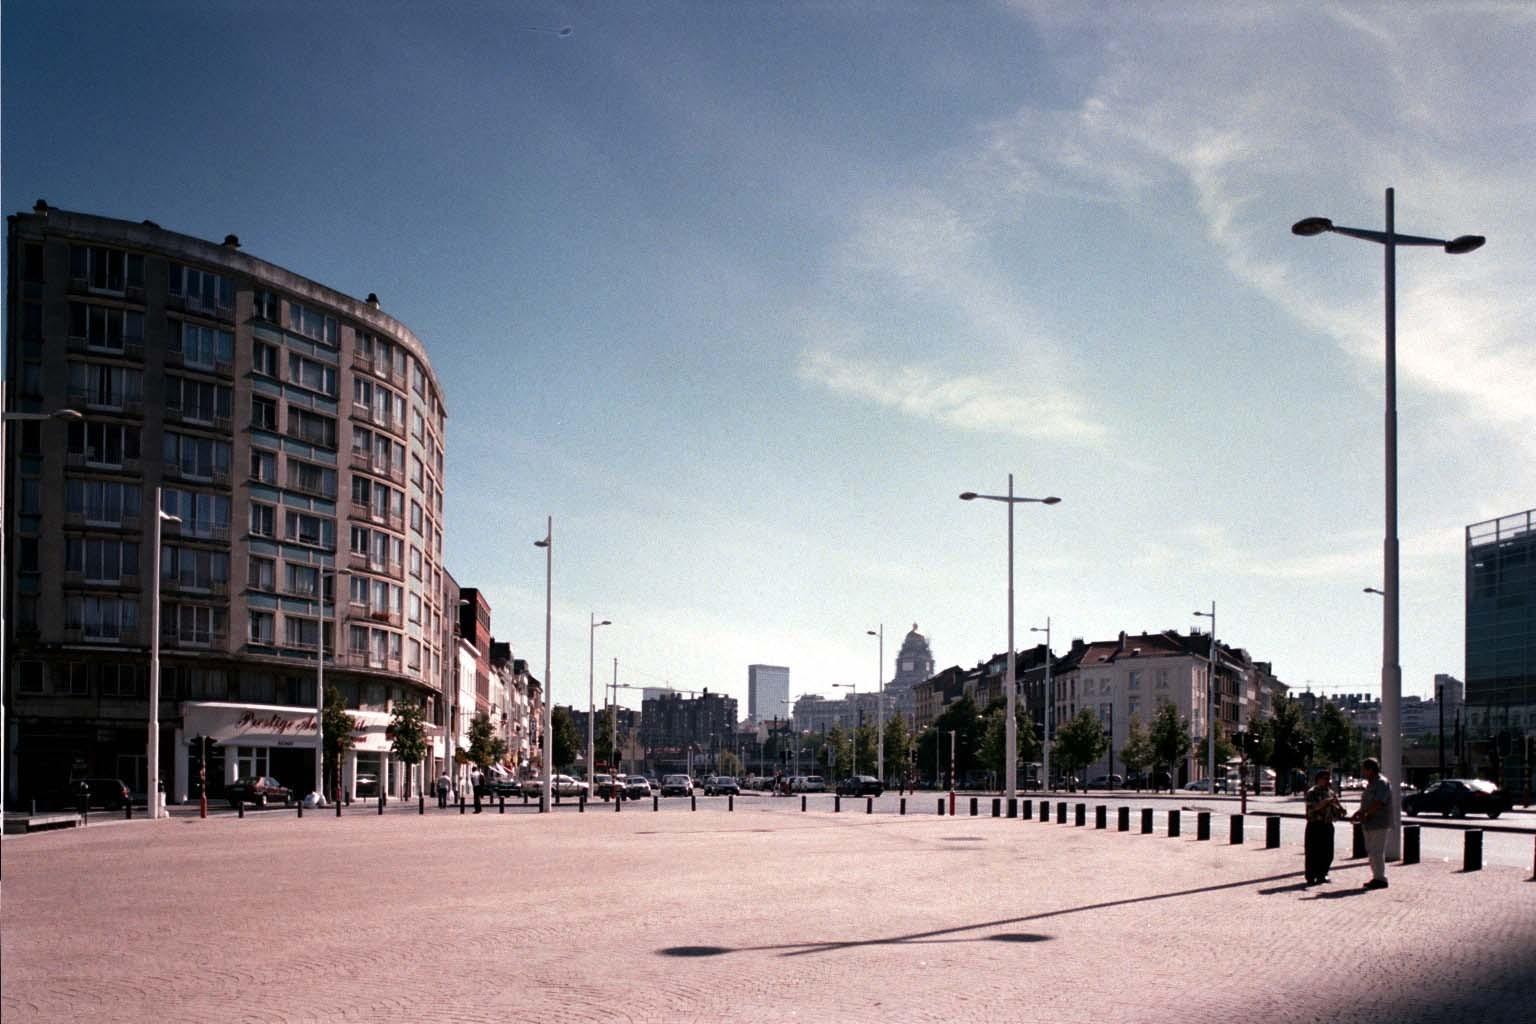 Baraplein in zuidoostelijke richting., 2004